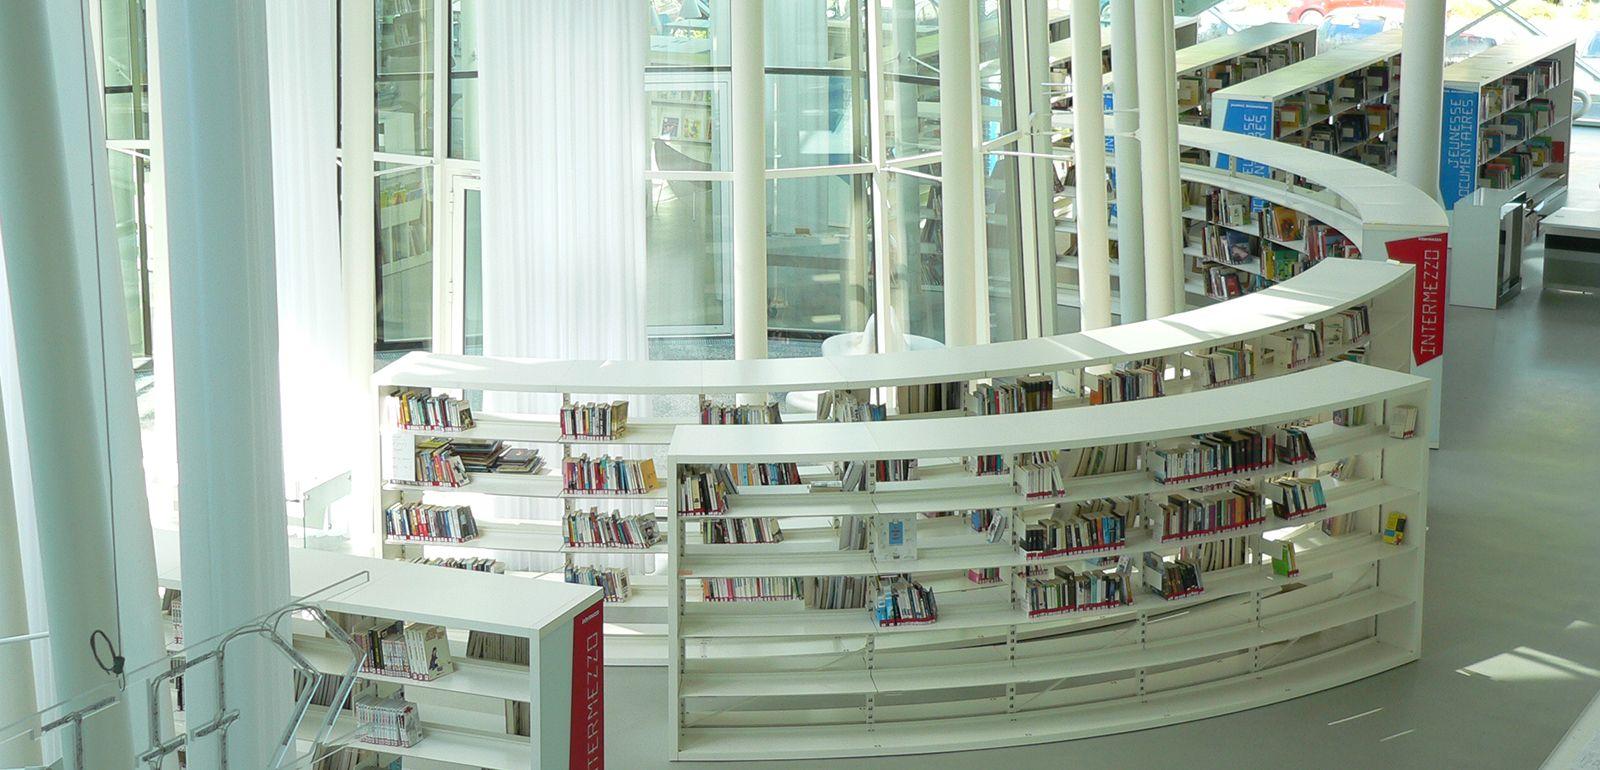 am nagement m diath que biblioth que mobilier de bureau design pour les professionnels silvera. Black Bedroom Furniture Sets. Home Design Ideas